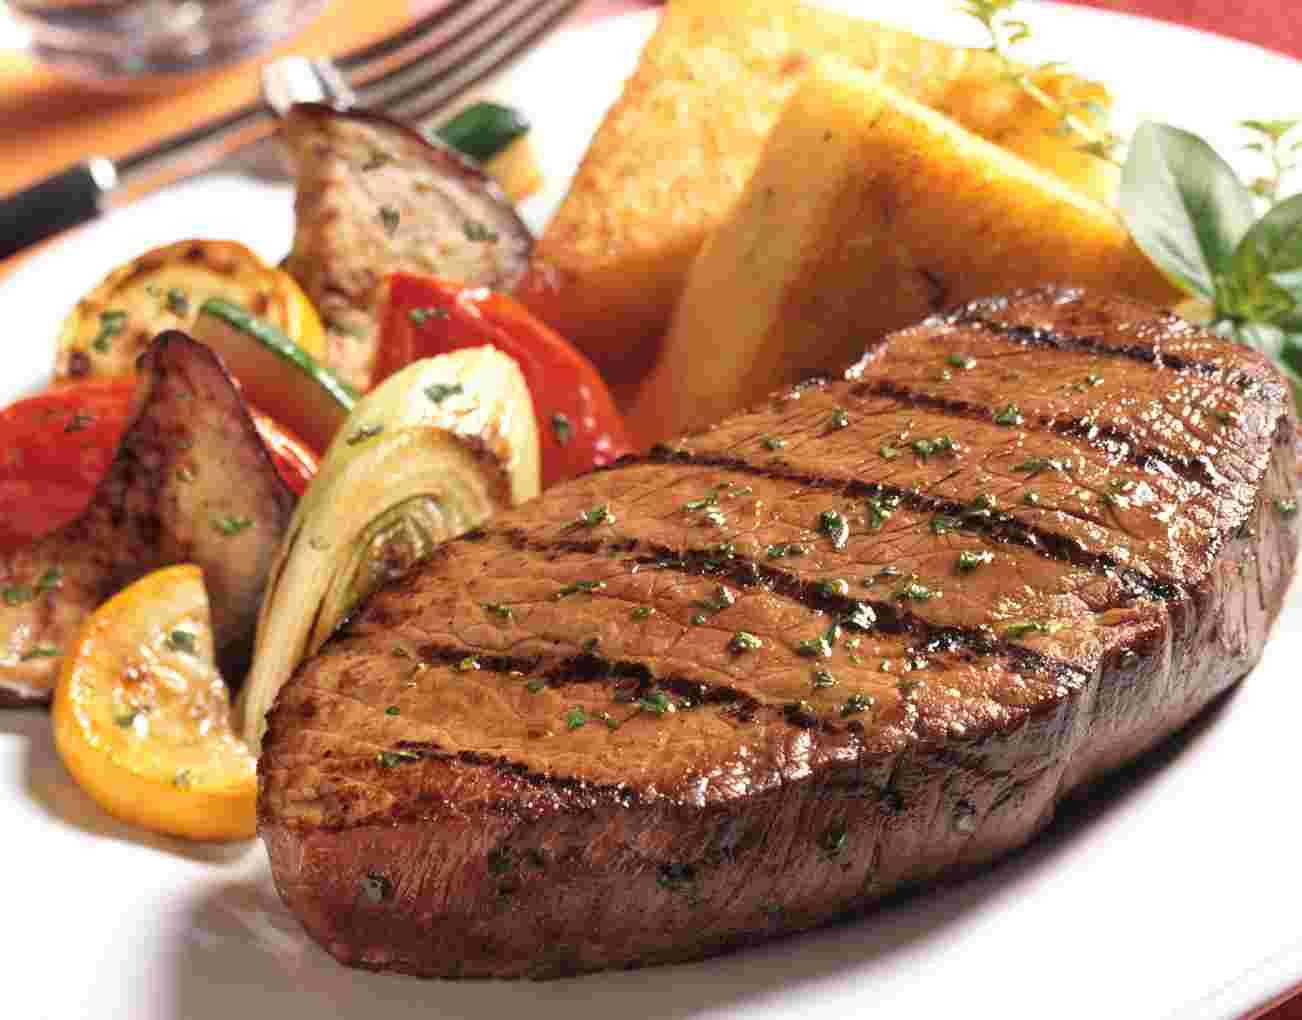 The Tempting Pepper Steak!